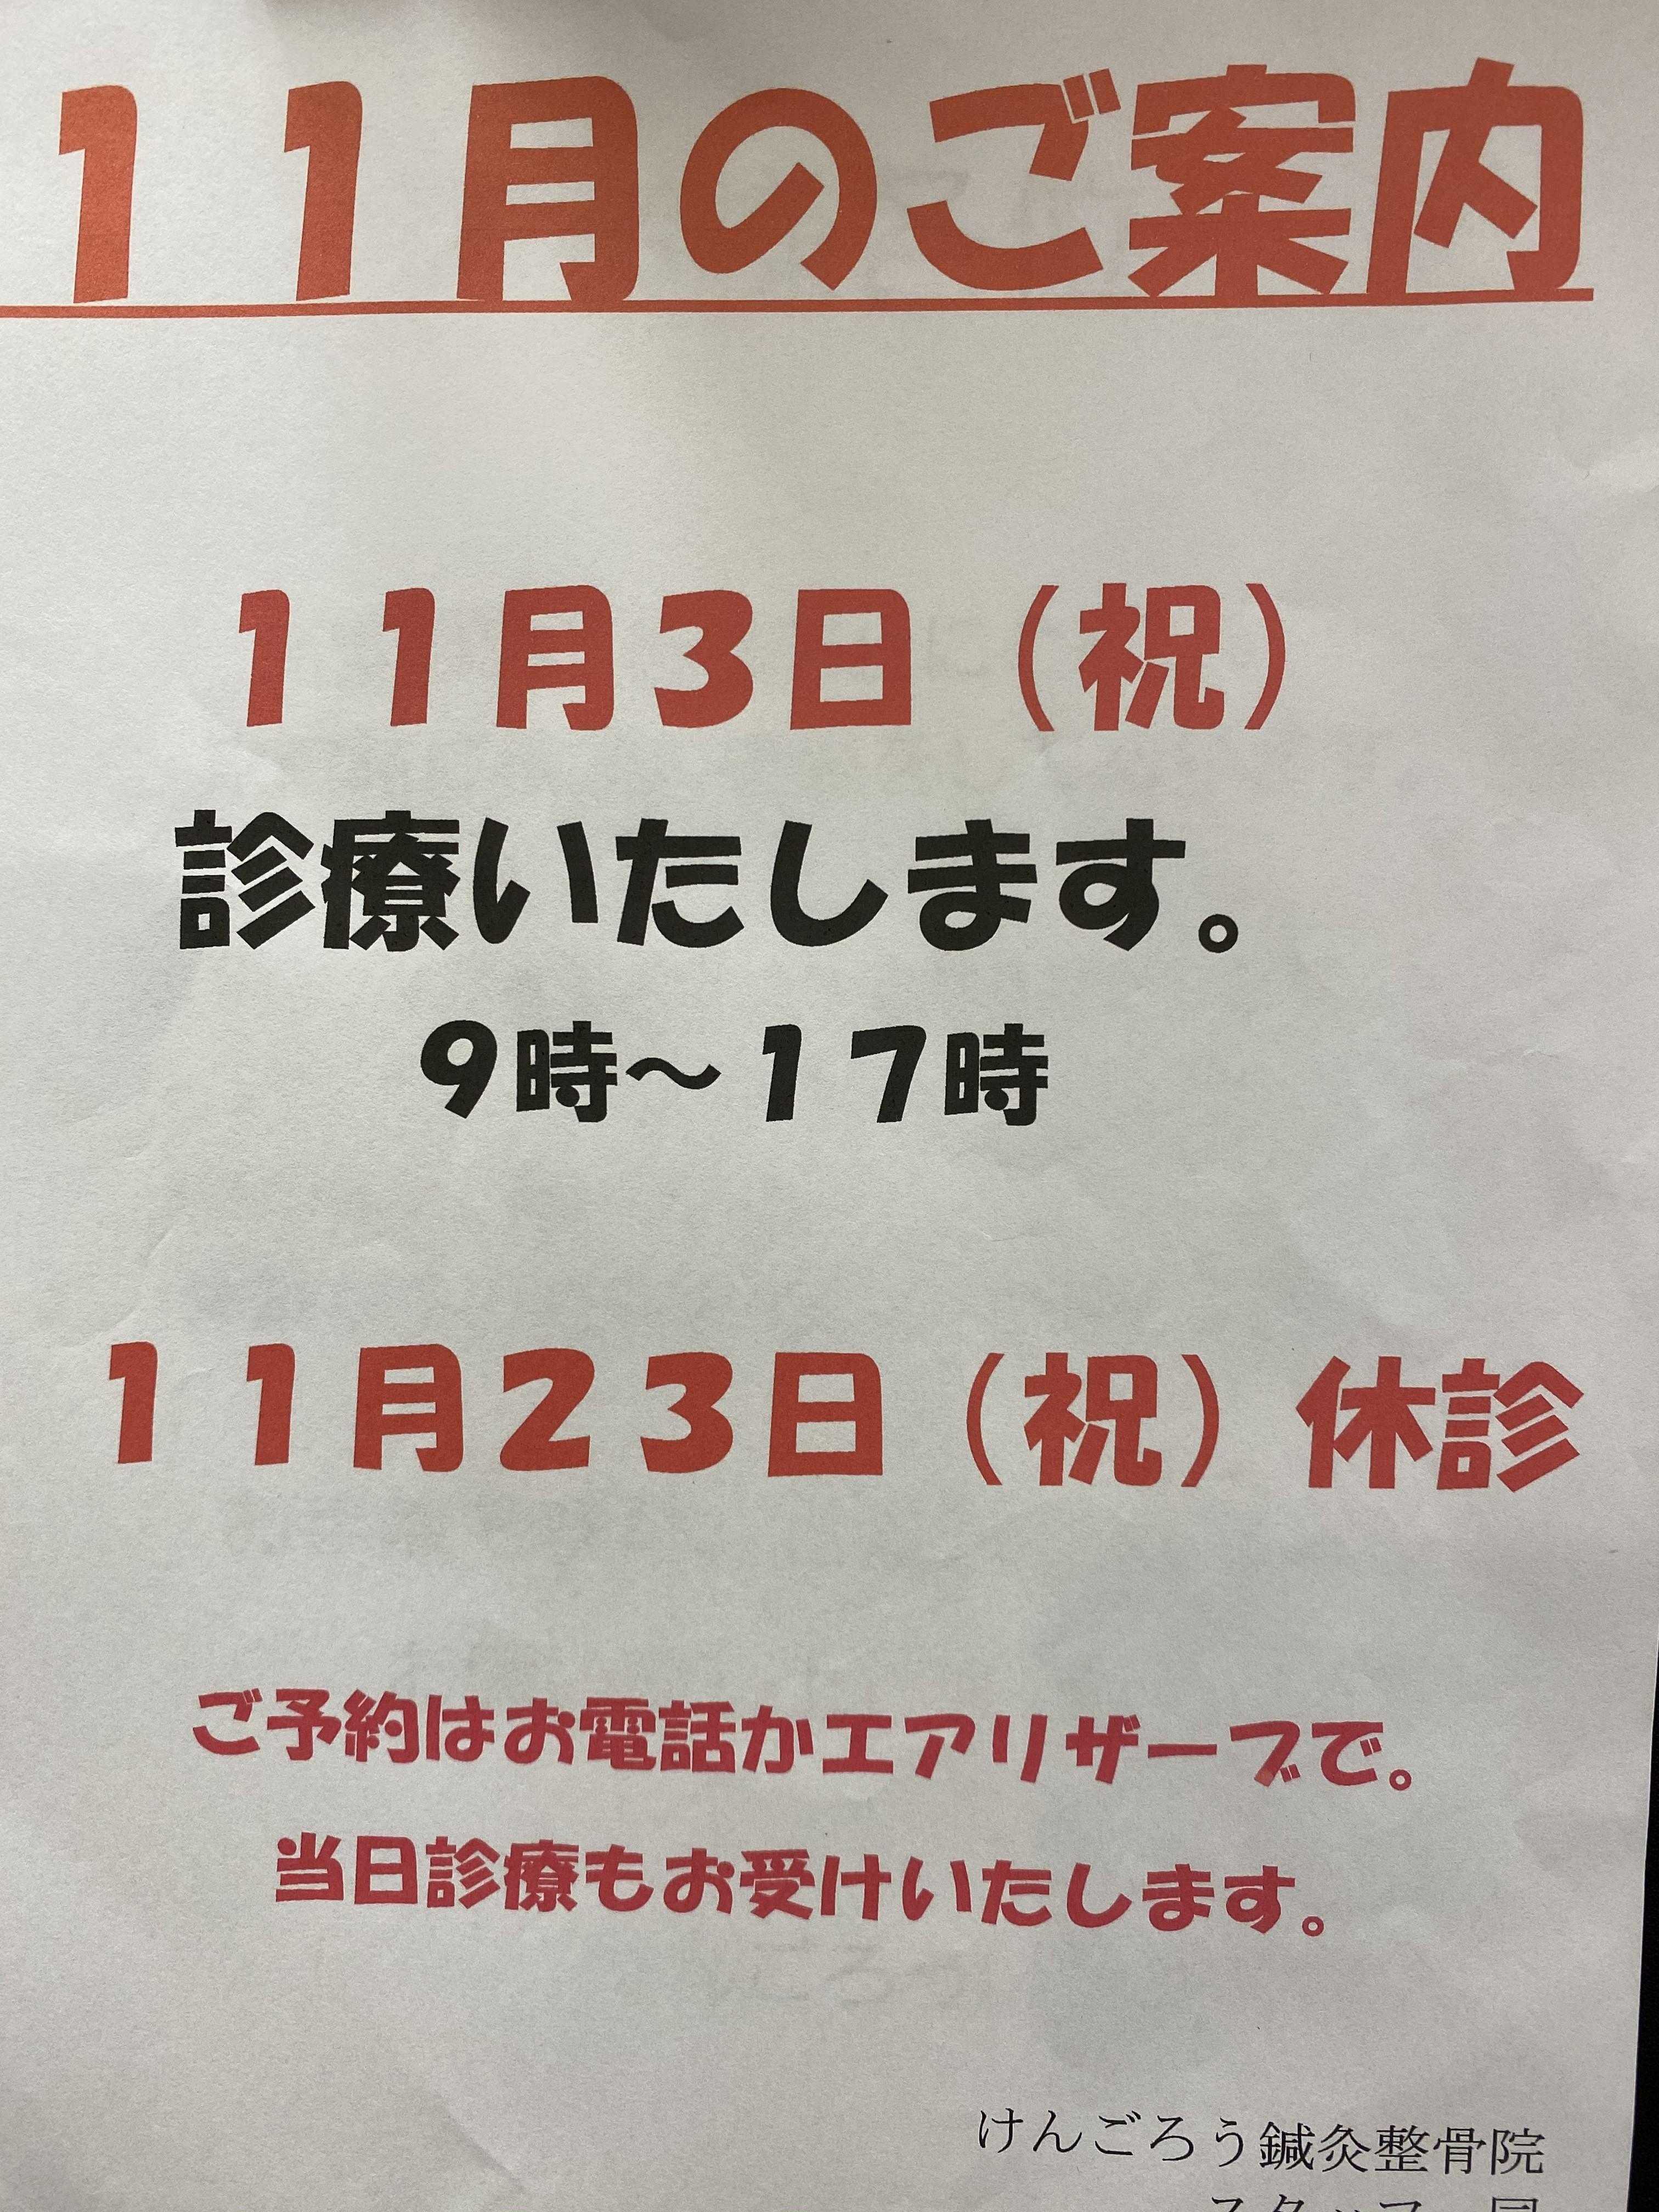 11月の休診日【骨盤矯正/疲労回復整体/大船】